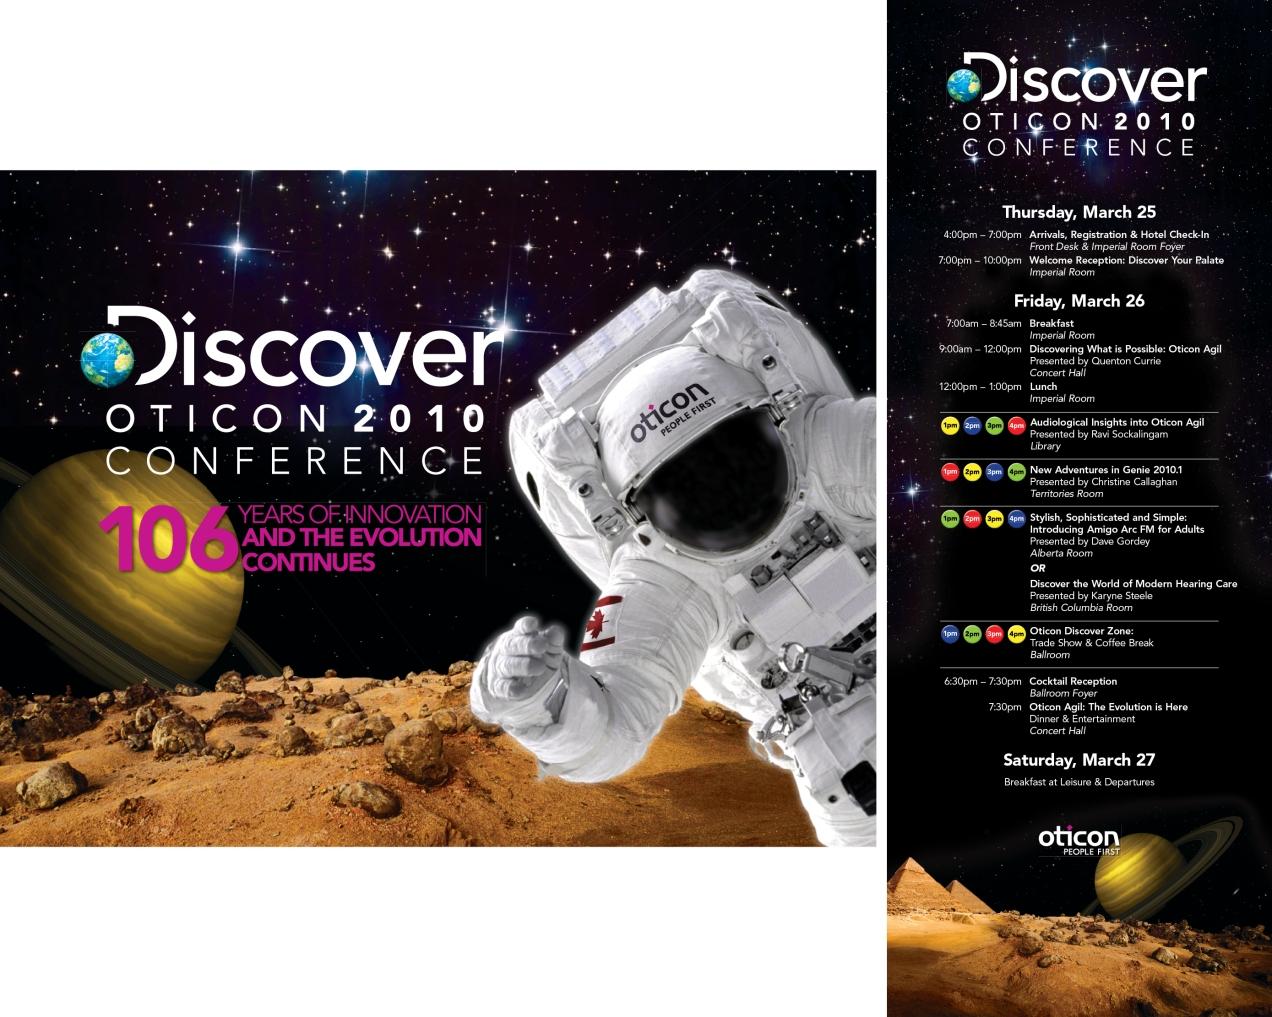 Graphic design, event branding, copy writing - Dan Soelberg